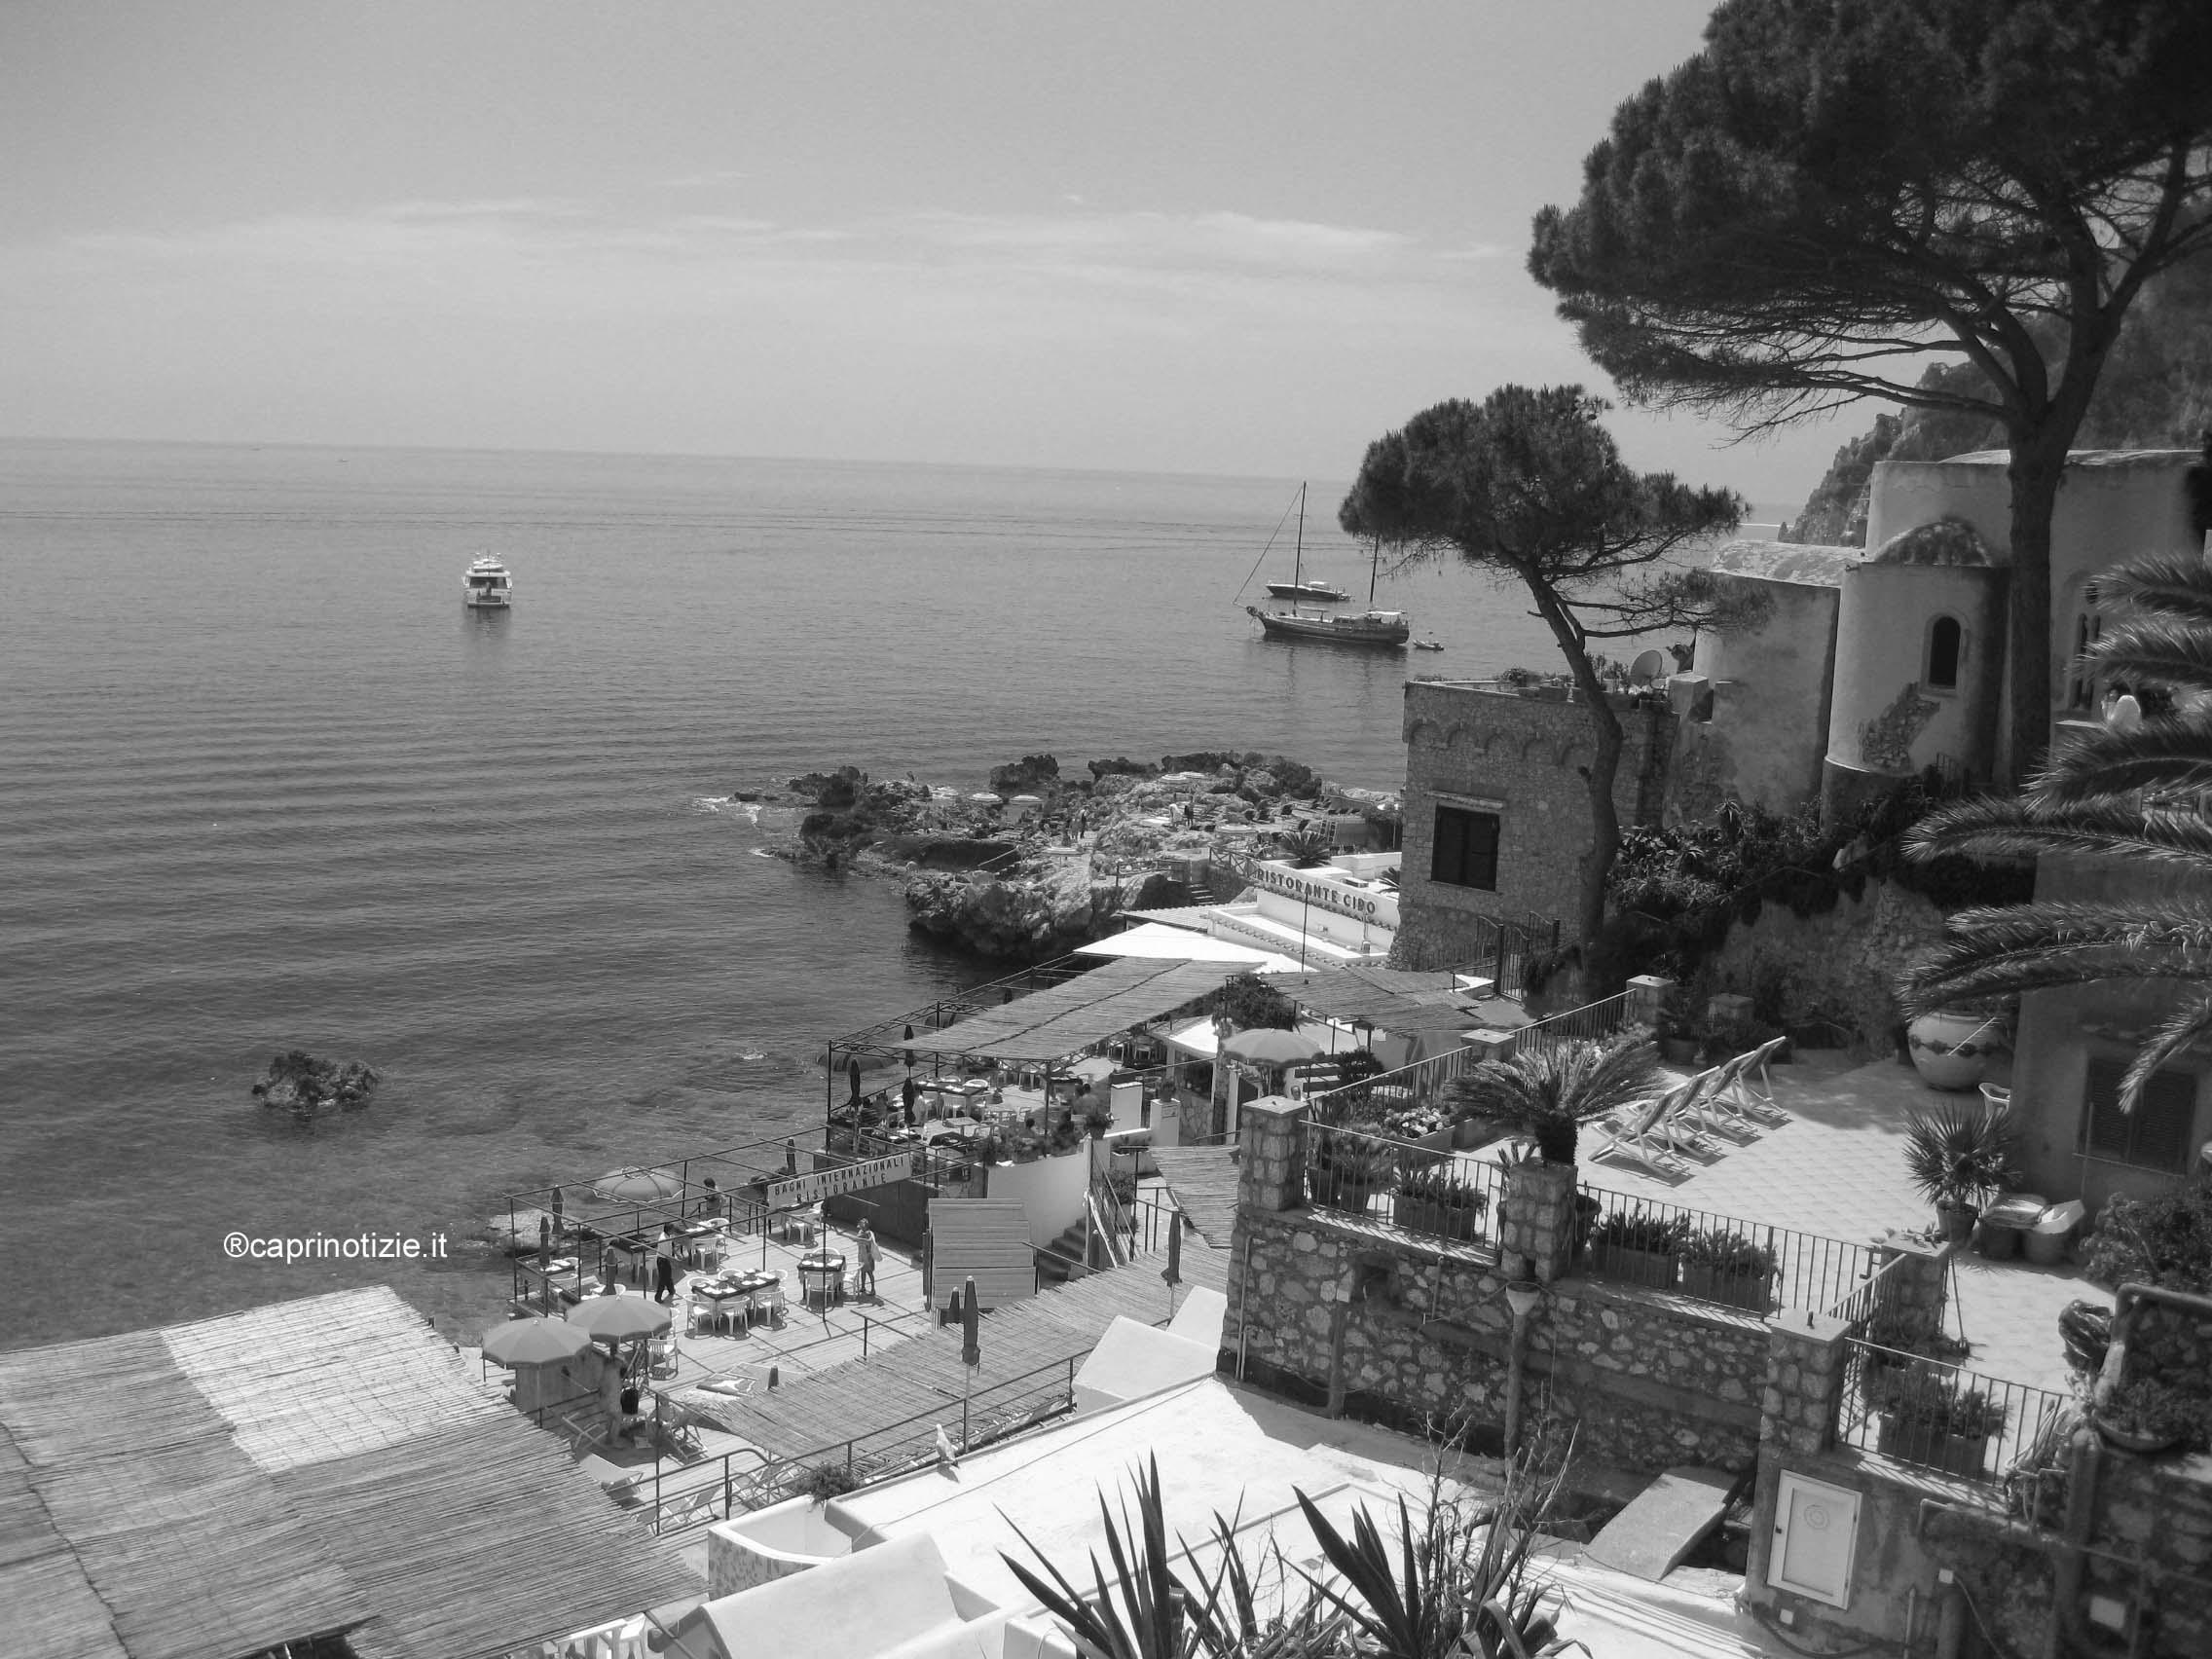 Capri, come era l'isola alla fine del 1800 e inizio 1900